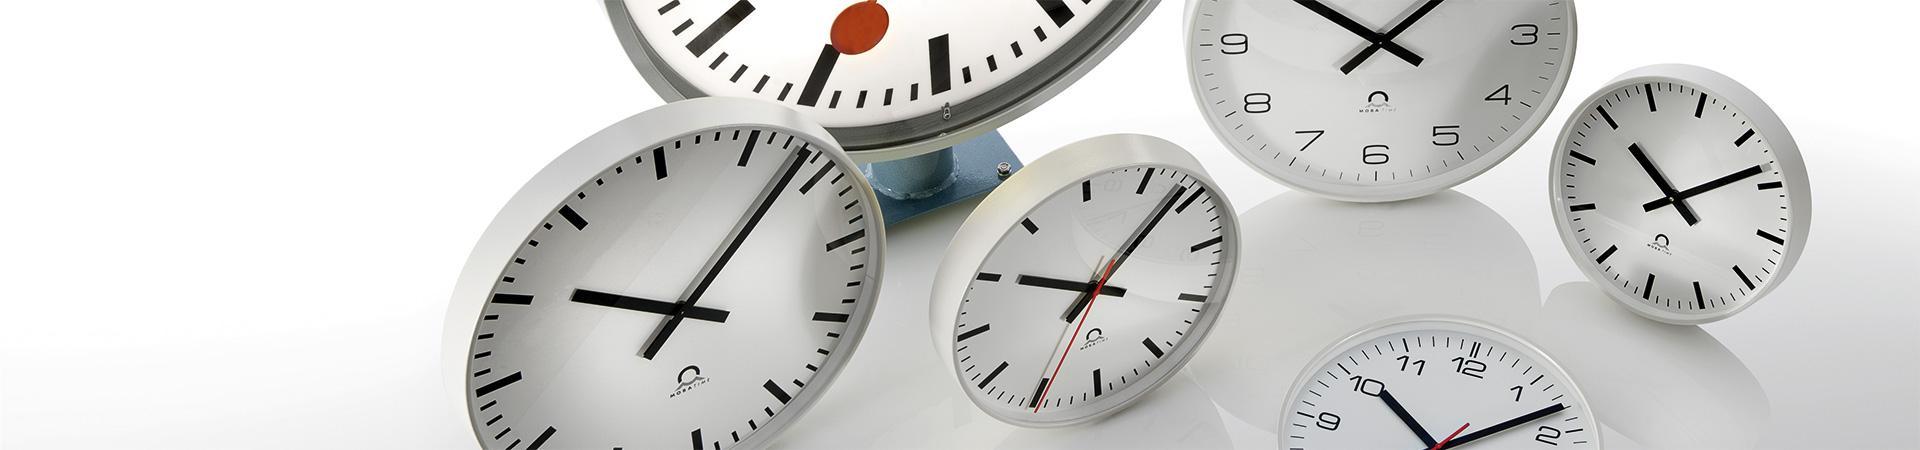 Nástěnné hodiny MOBATIME;